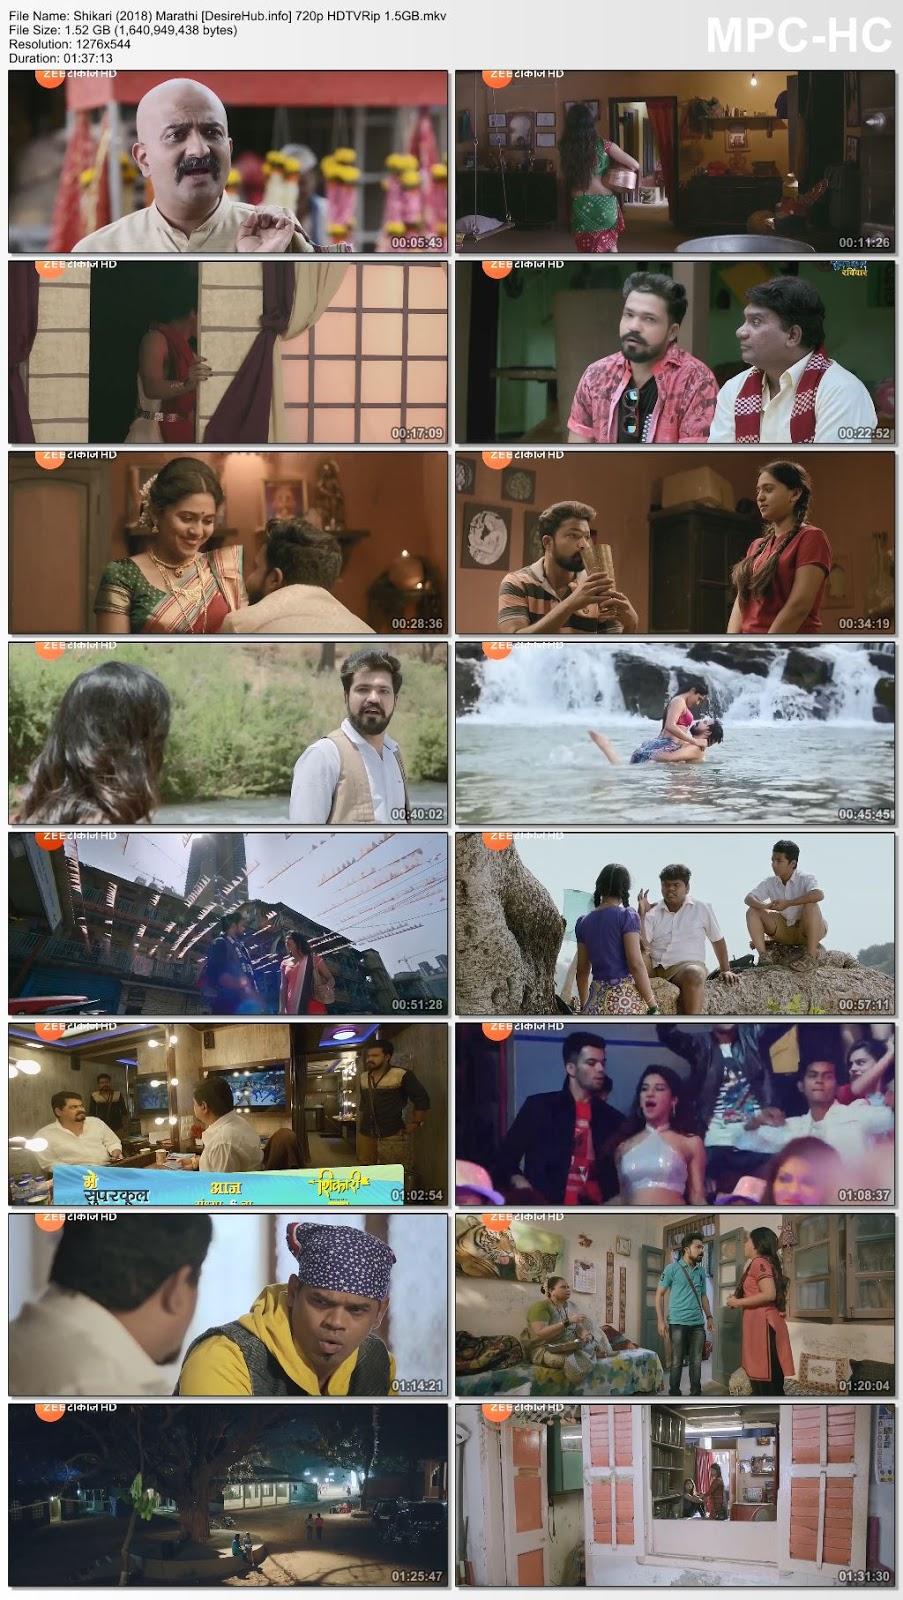 Shikari (2018) Marathi 720p HDTVRip 1.5GB Desirehub